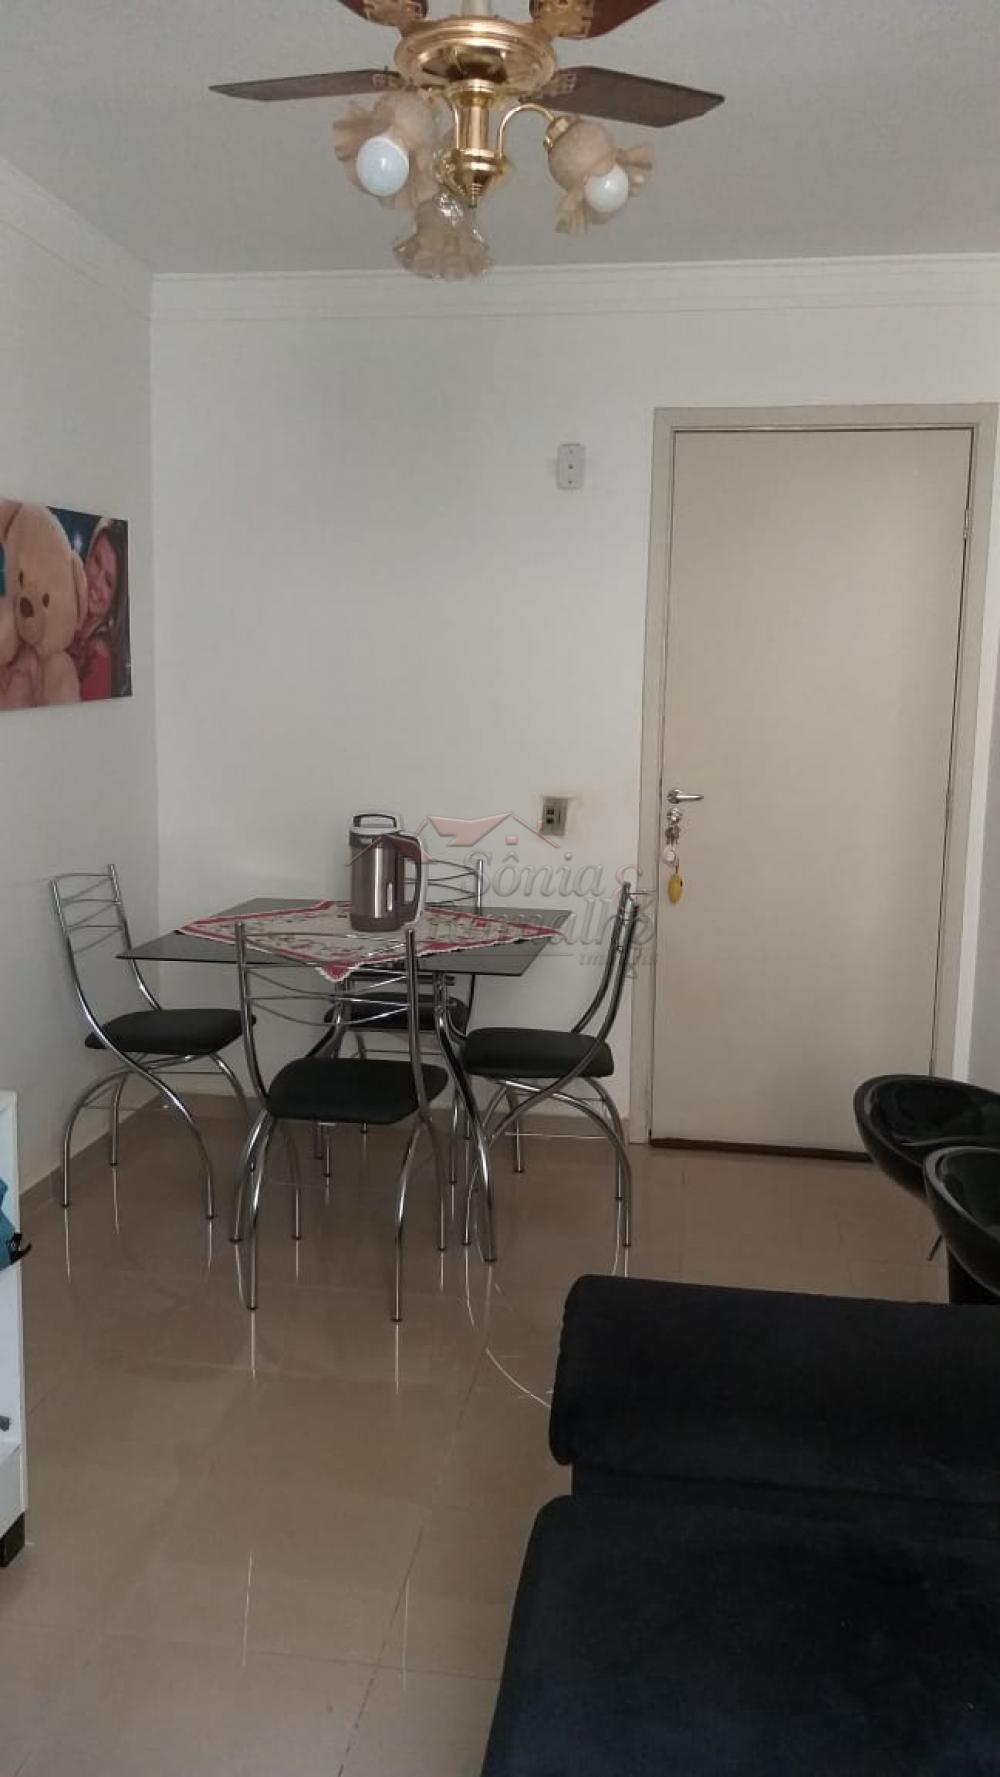 Comprar Apartamentos / Padrão em Ribeirão Preto apenas R$ 175.000,00 - Foto 3